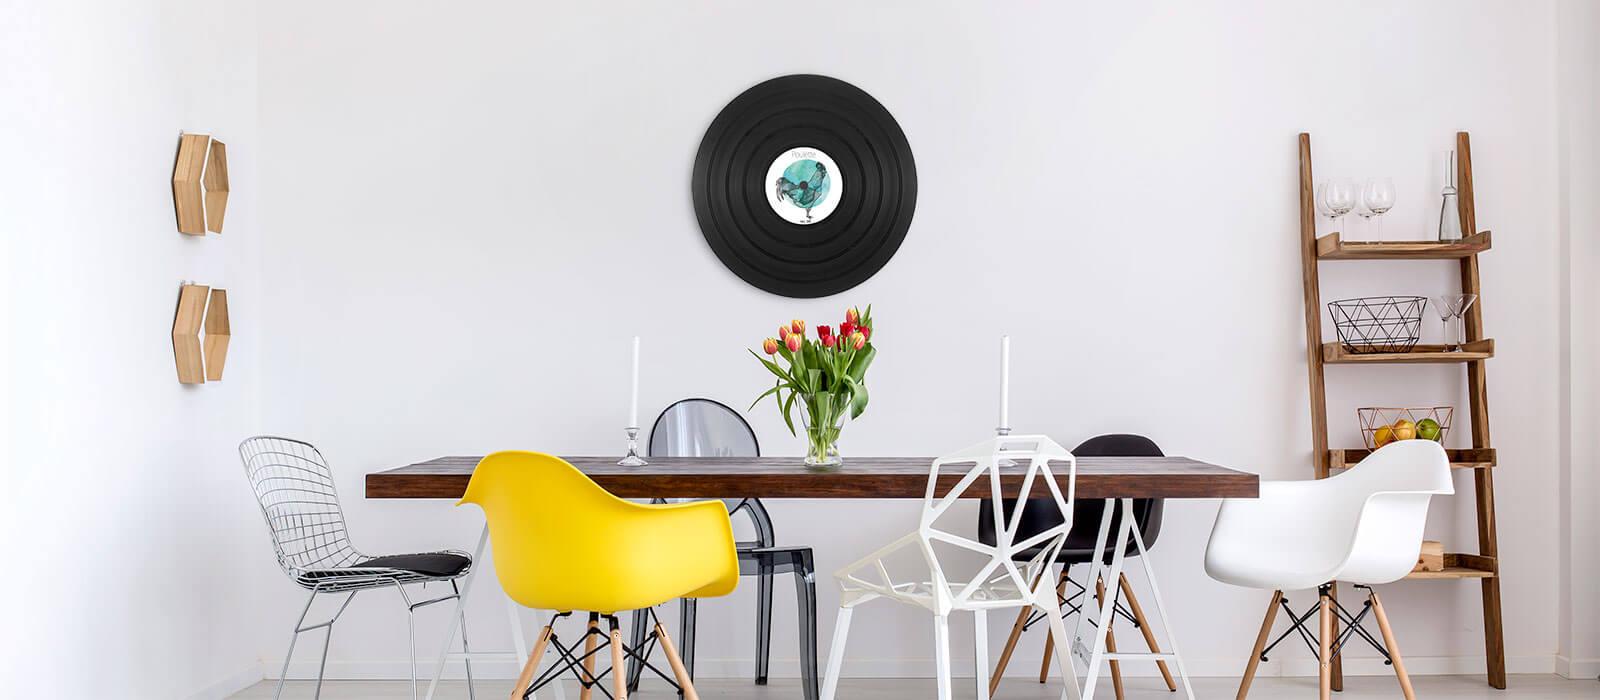 disque vinyle personnalisé pour un cadeau de mariage fait une décoration originale dans le salon design